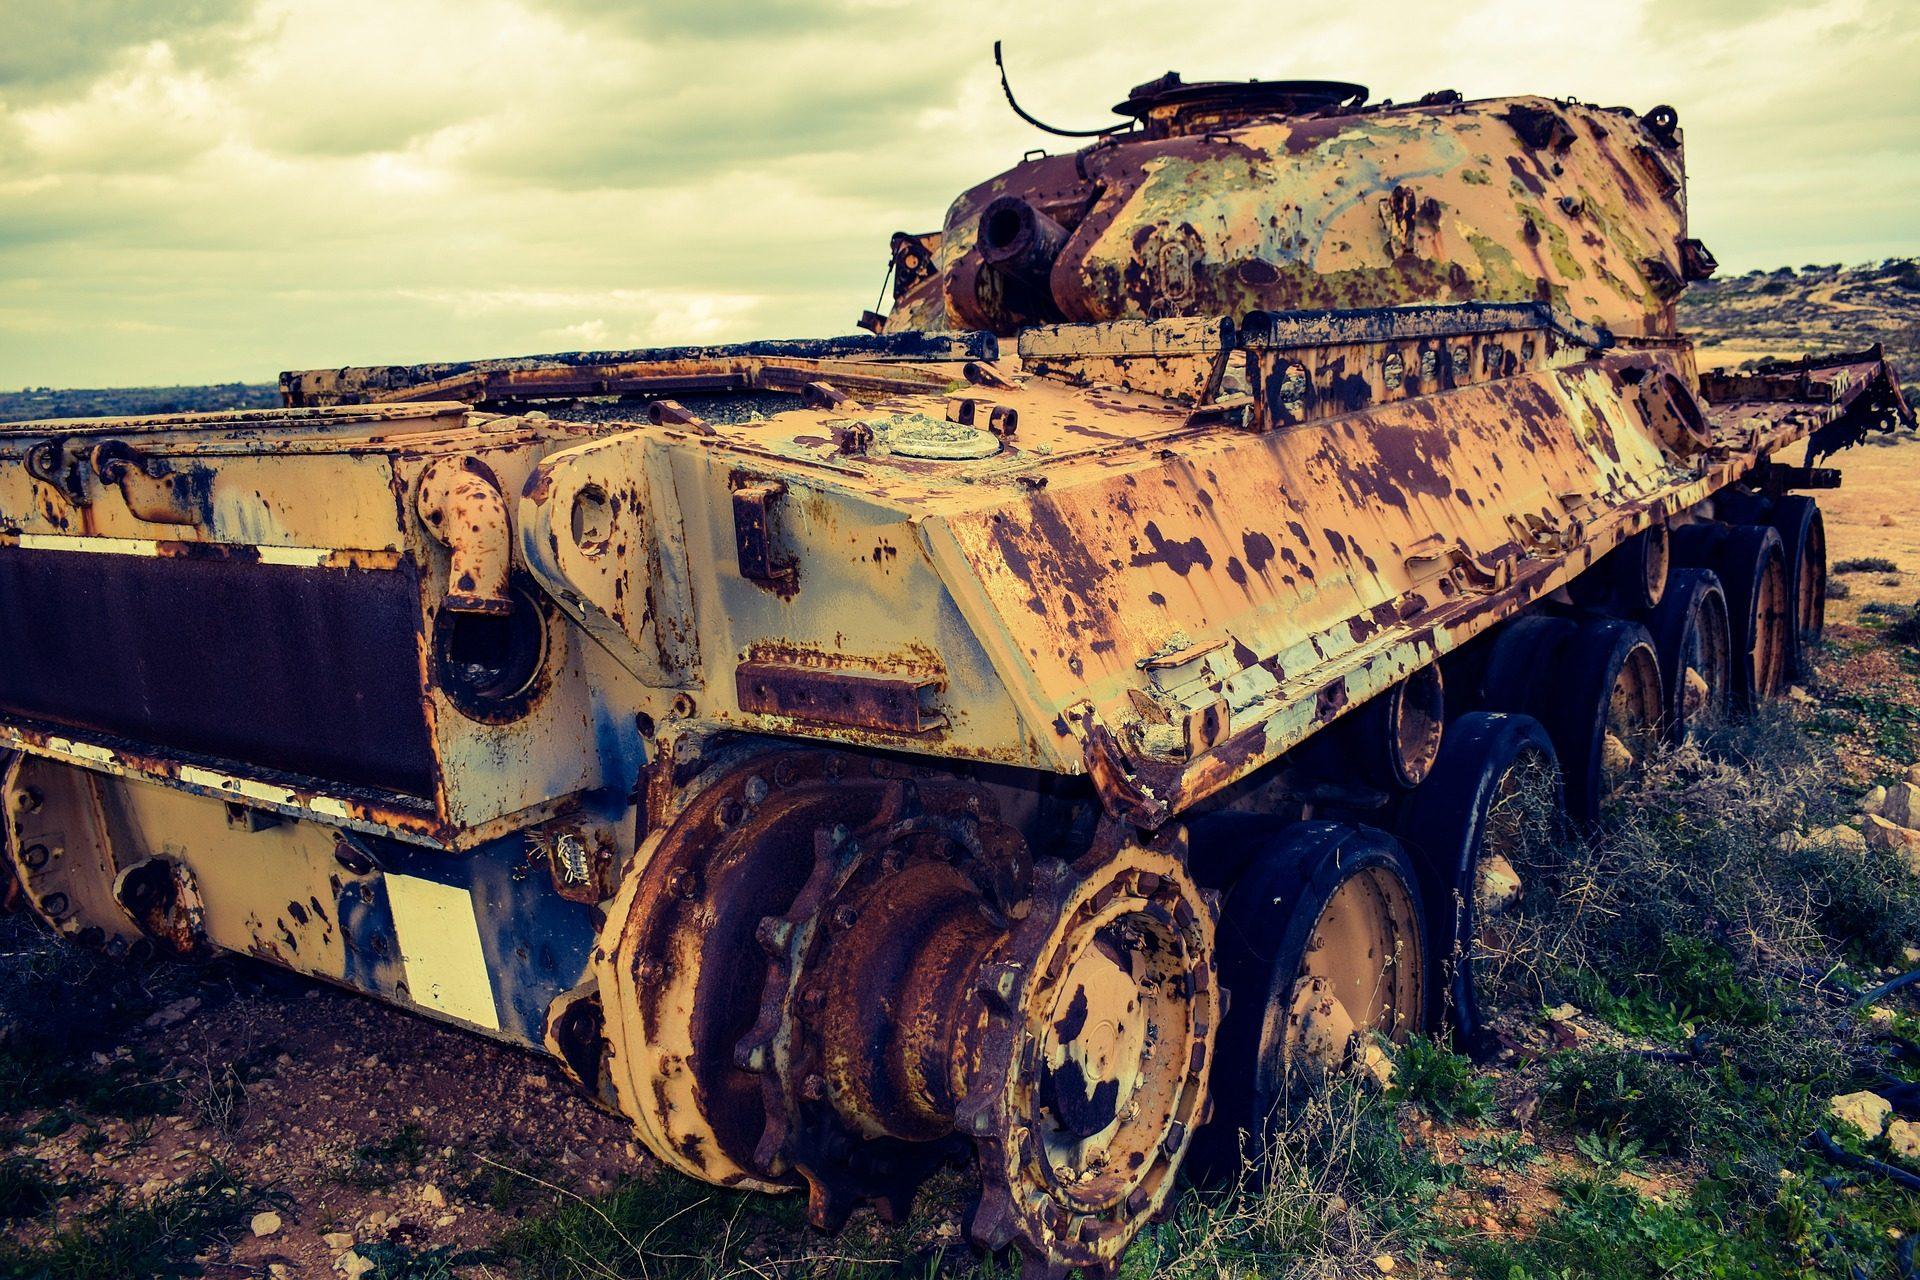 танк, военные, Старый, брошенные, Оксид - Обои HD - Профессор falken.com